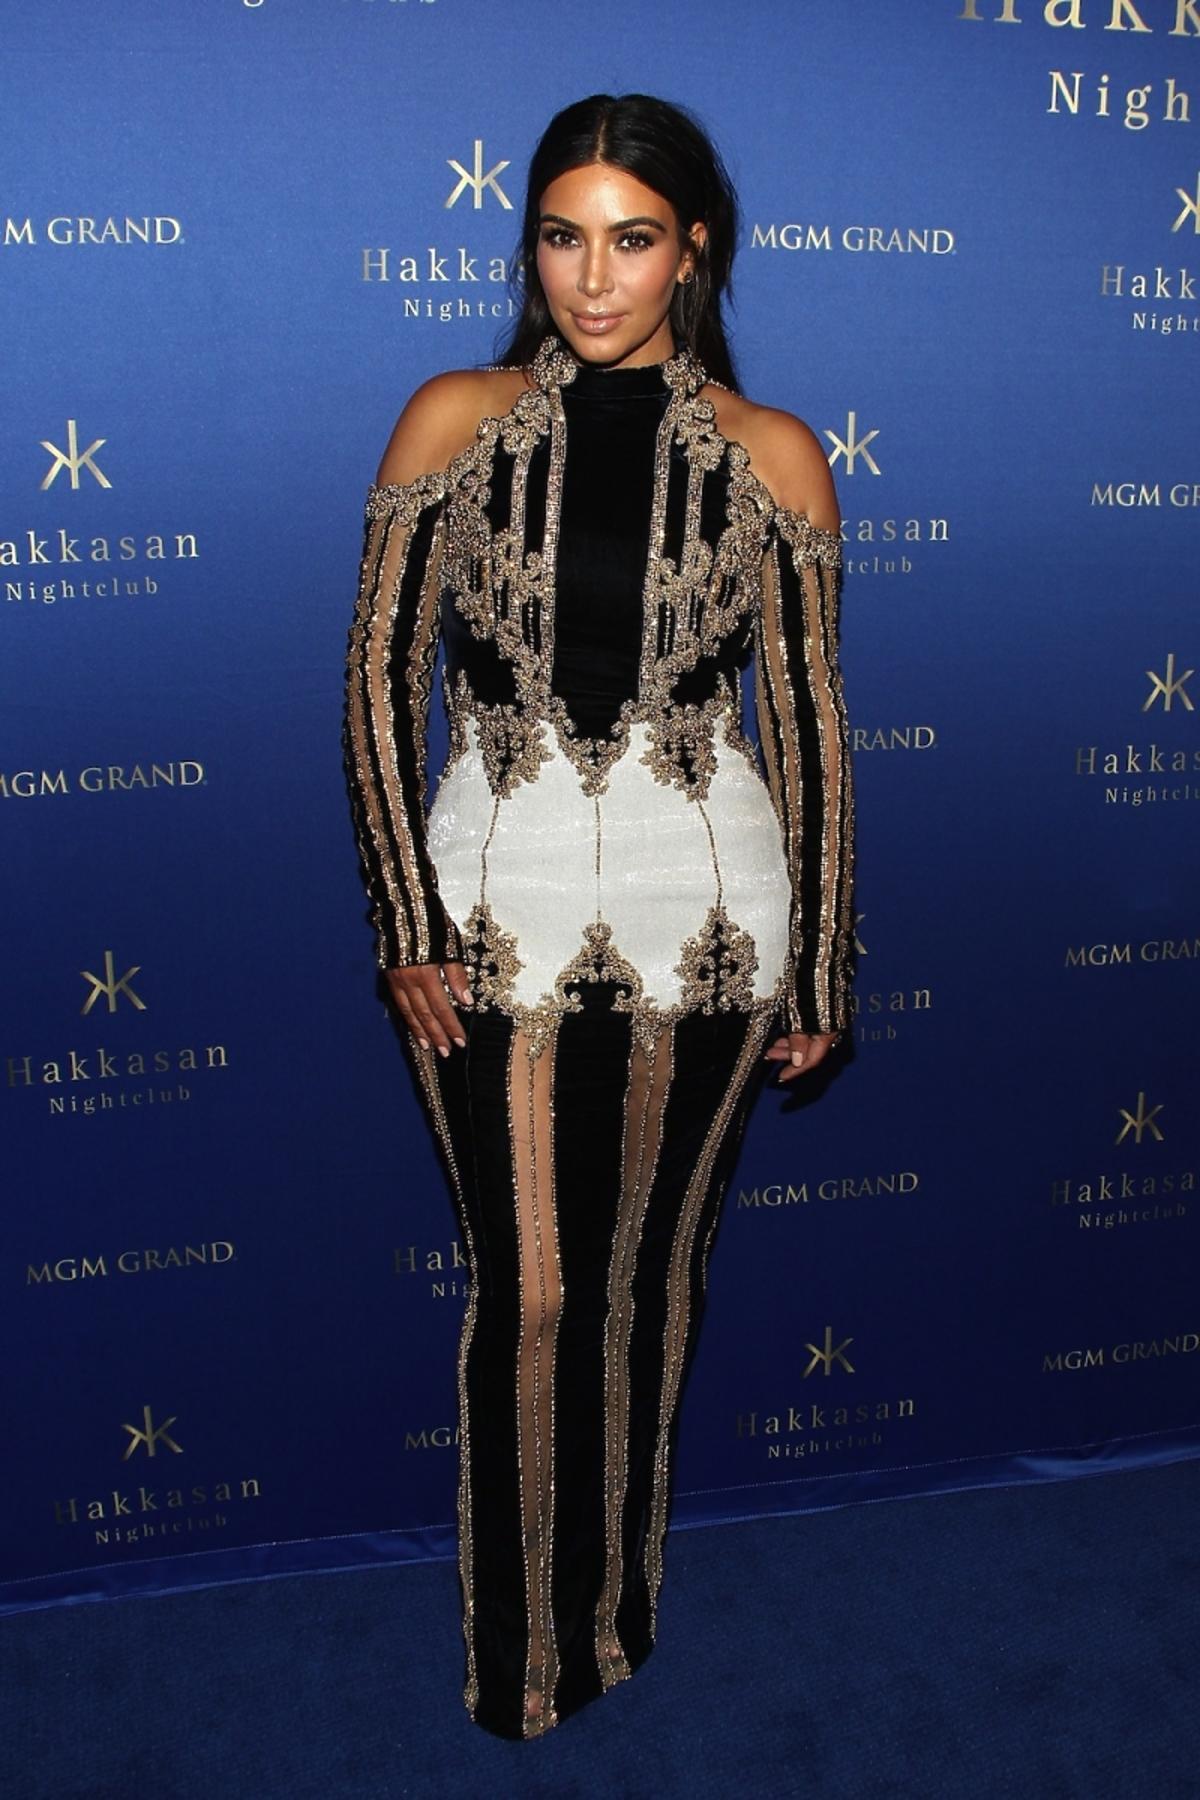 Kim Kardashian w długiej sukni w czarno-złote pasy z odkrytymi ramionami